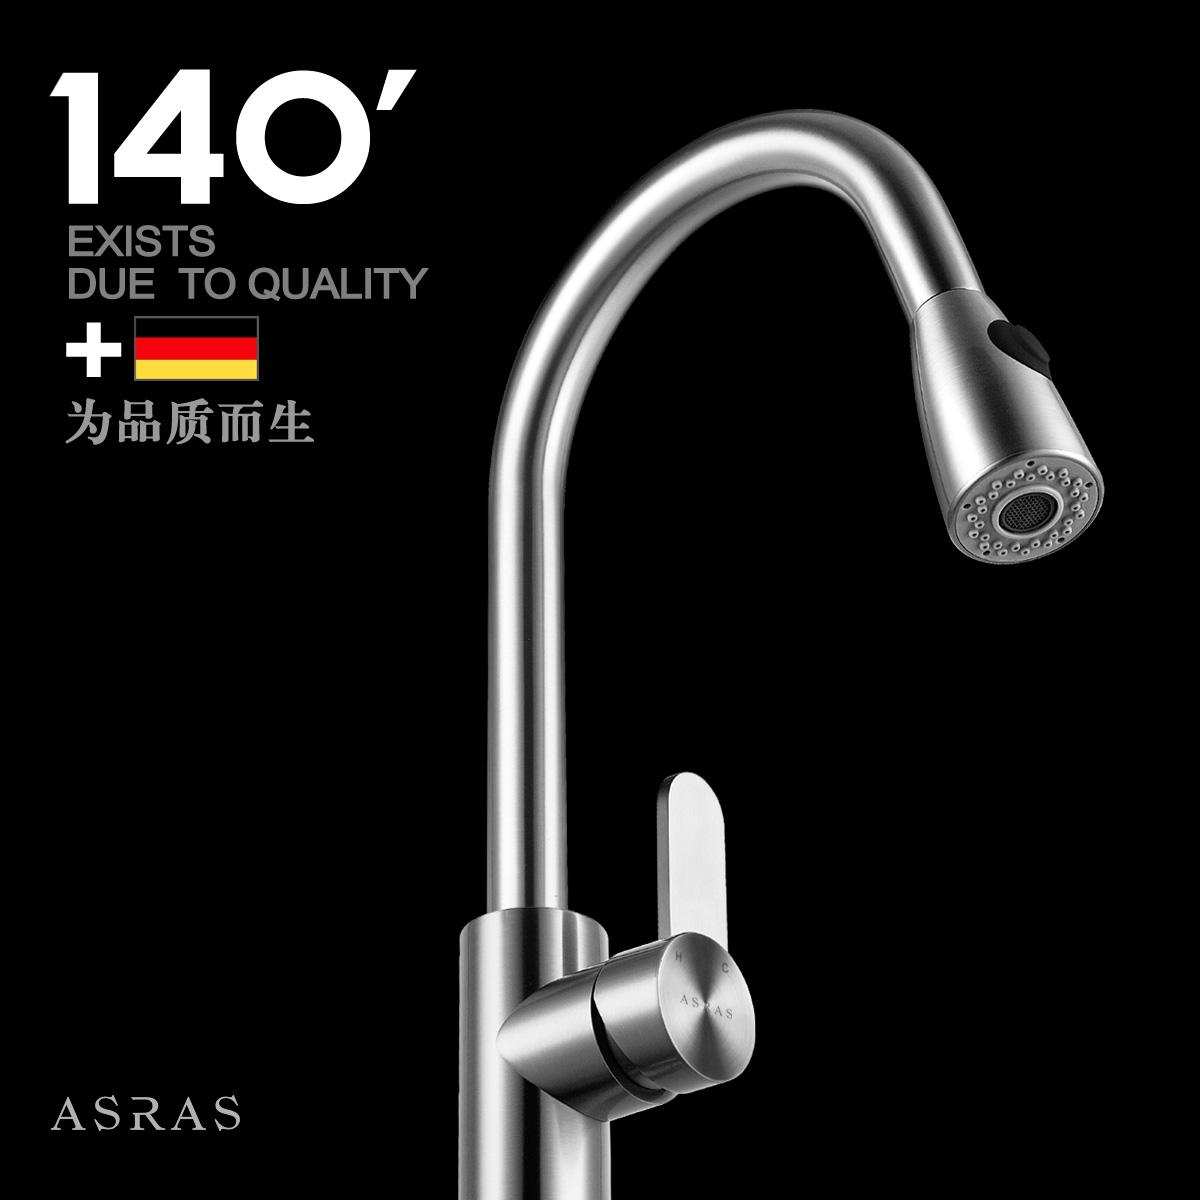 China Water Faucet Switch, China Water Faucet Switch Shopping Guide ...